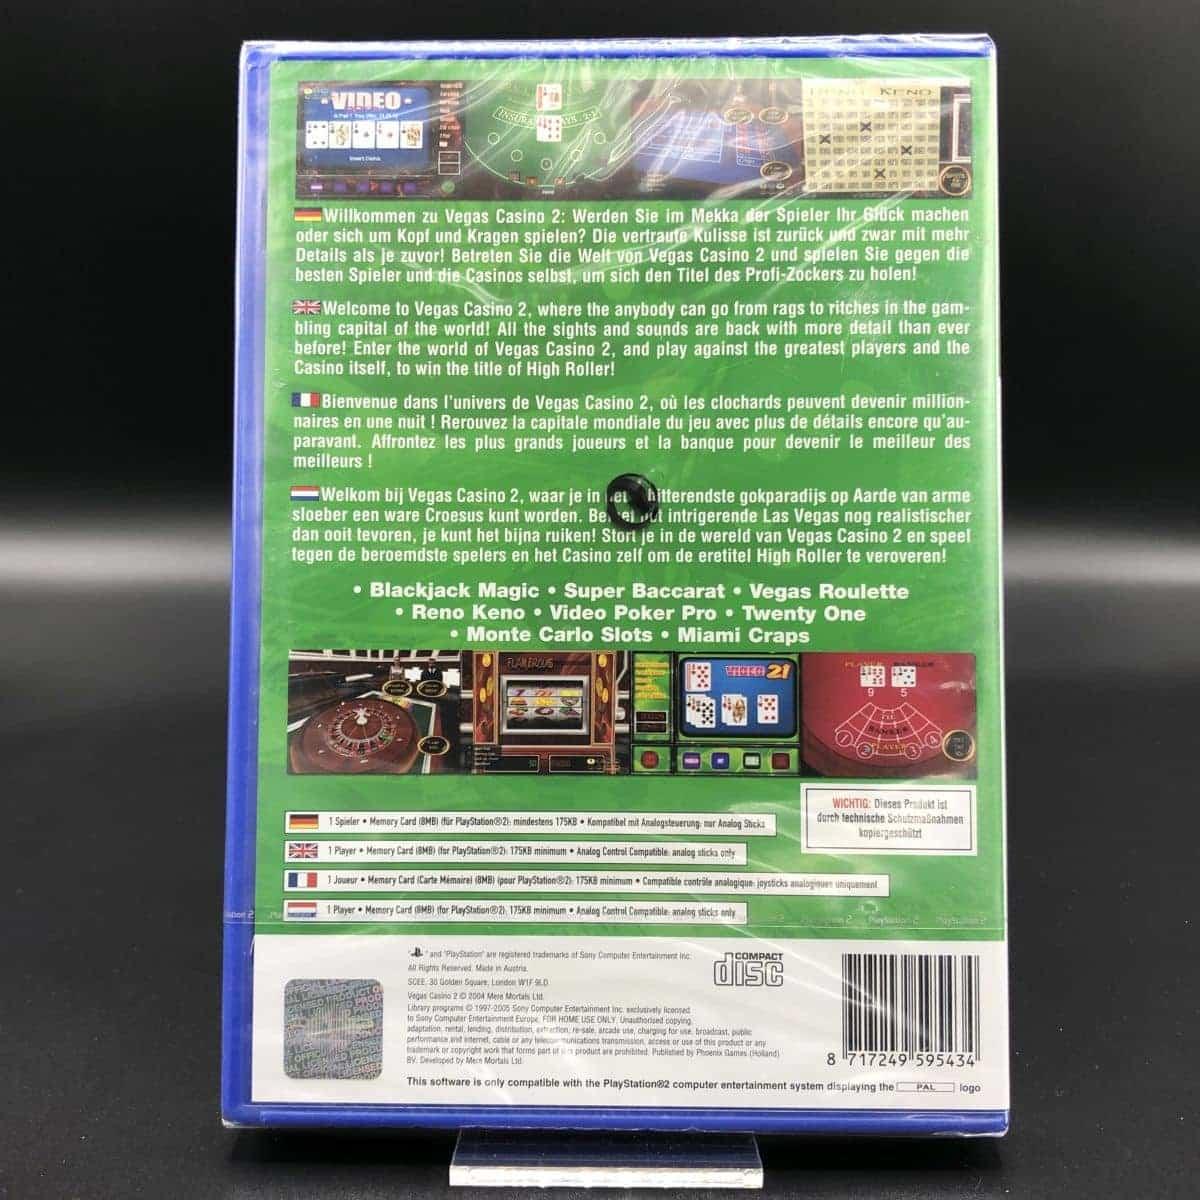 PS2 Vegas Casino 2 (Komplett) (NEU) Sony PlayStation 2